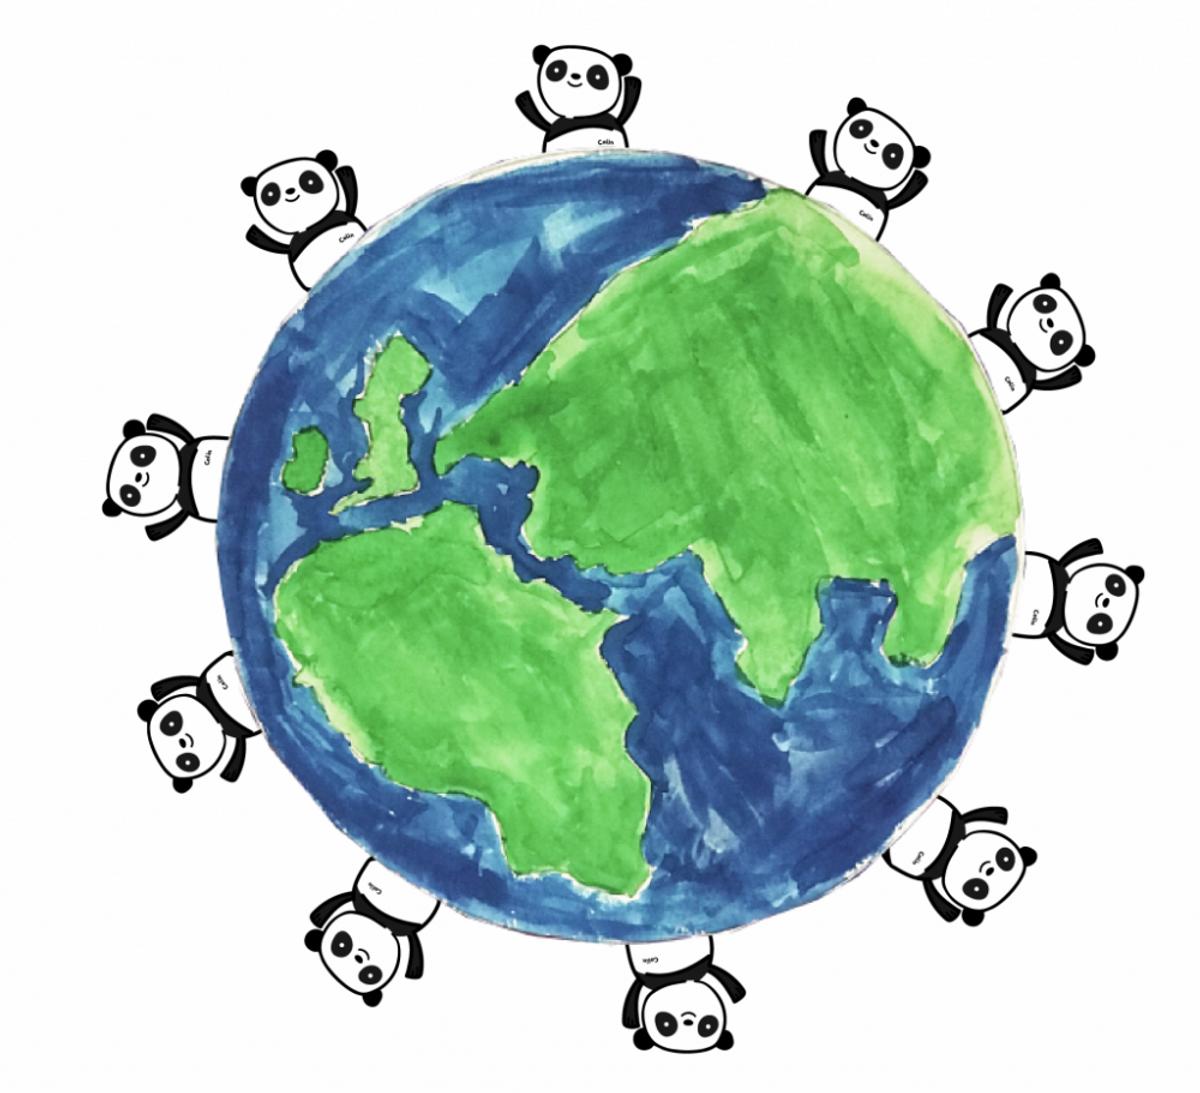 Bambus papirlommetørklær på boks / The Cheeky Panda